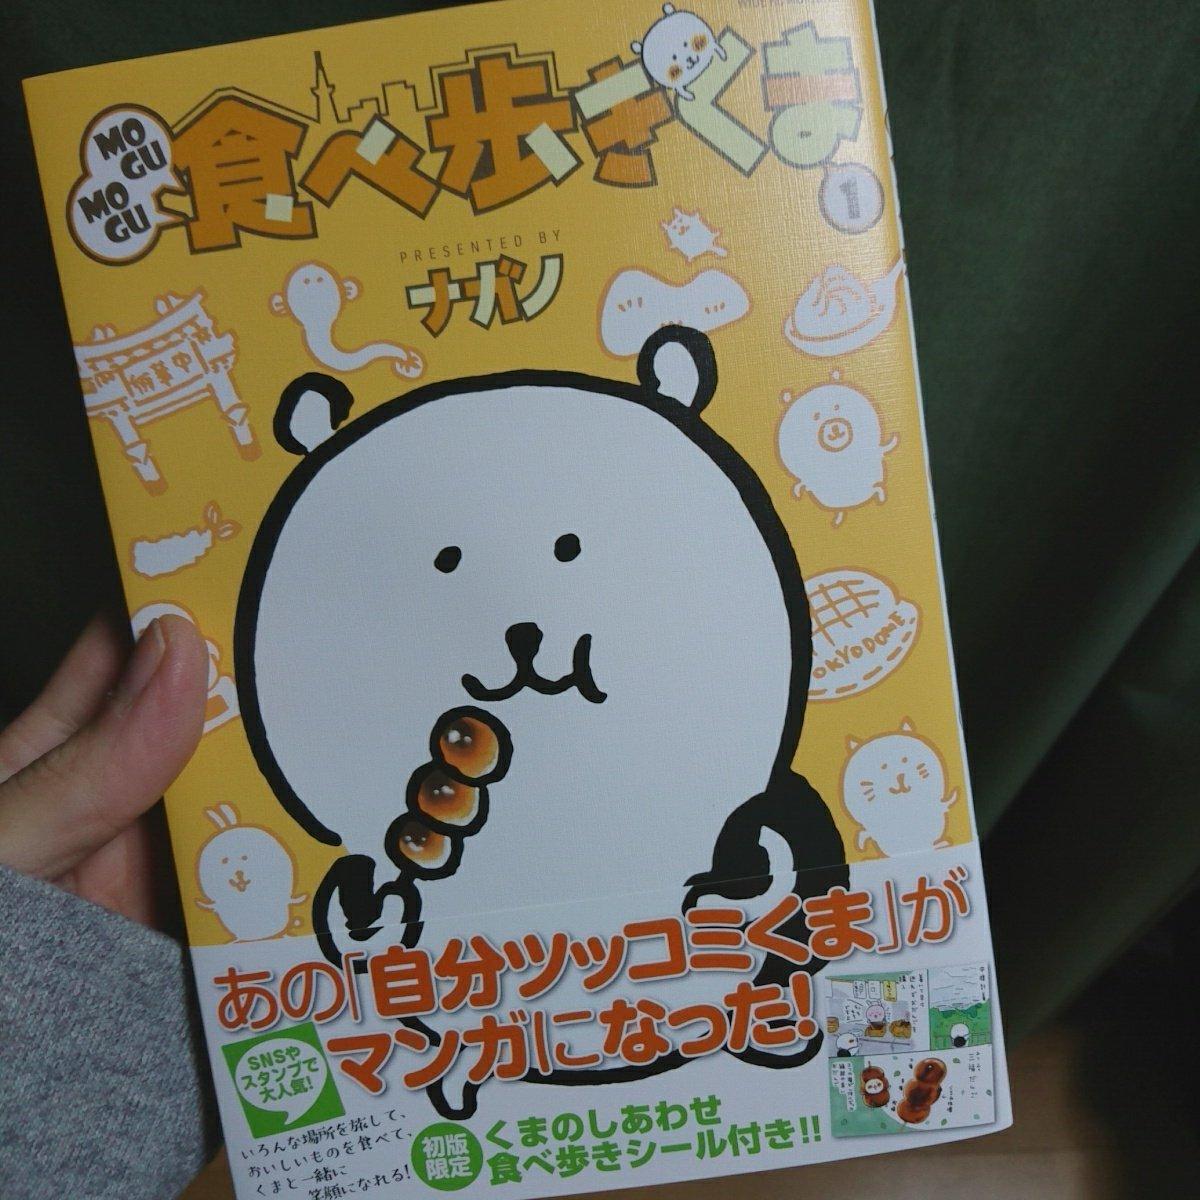 MOGUMOGU食べ歩きくまに関する画像2